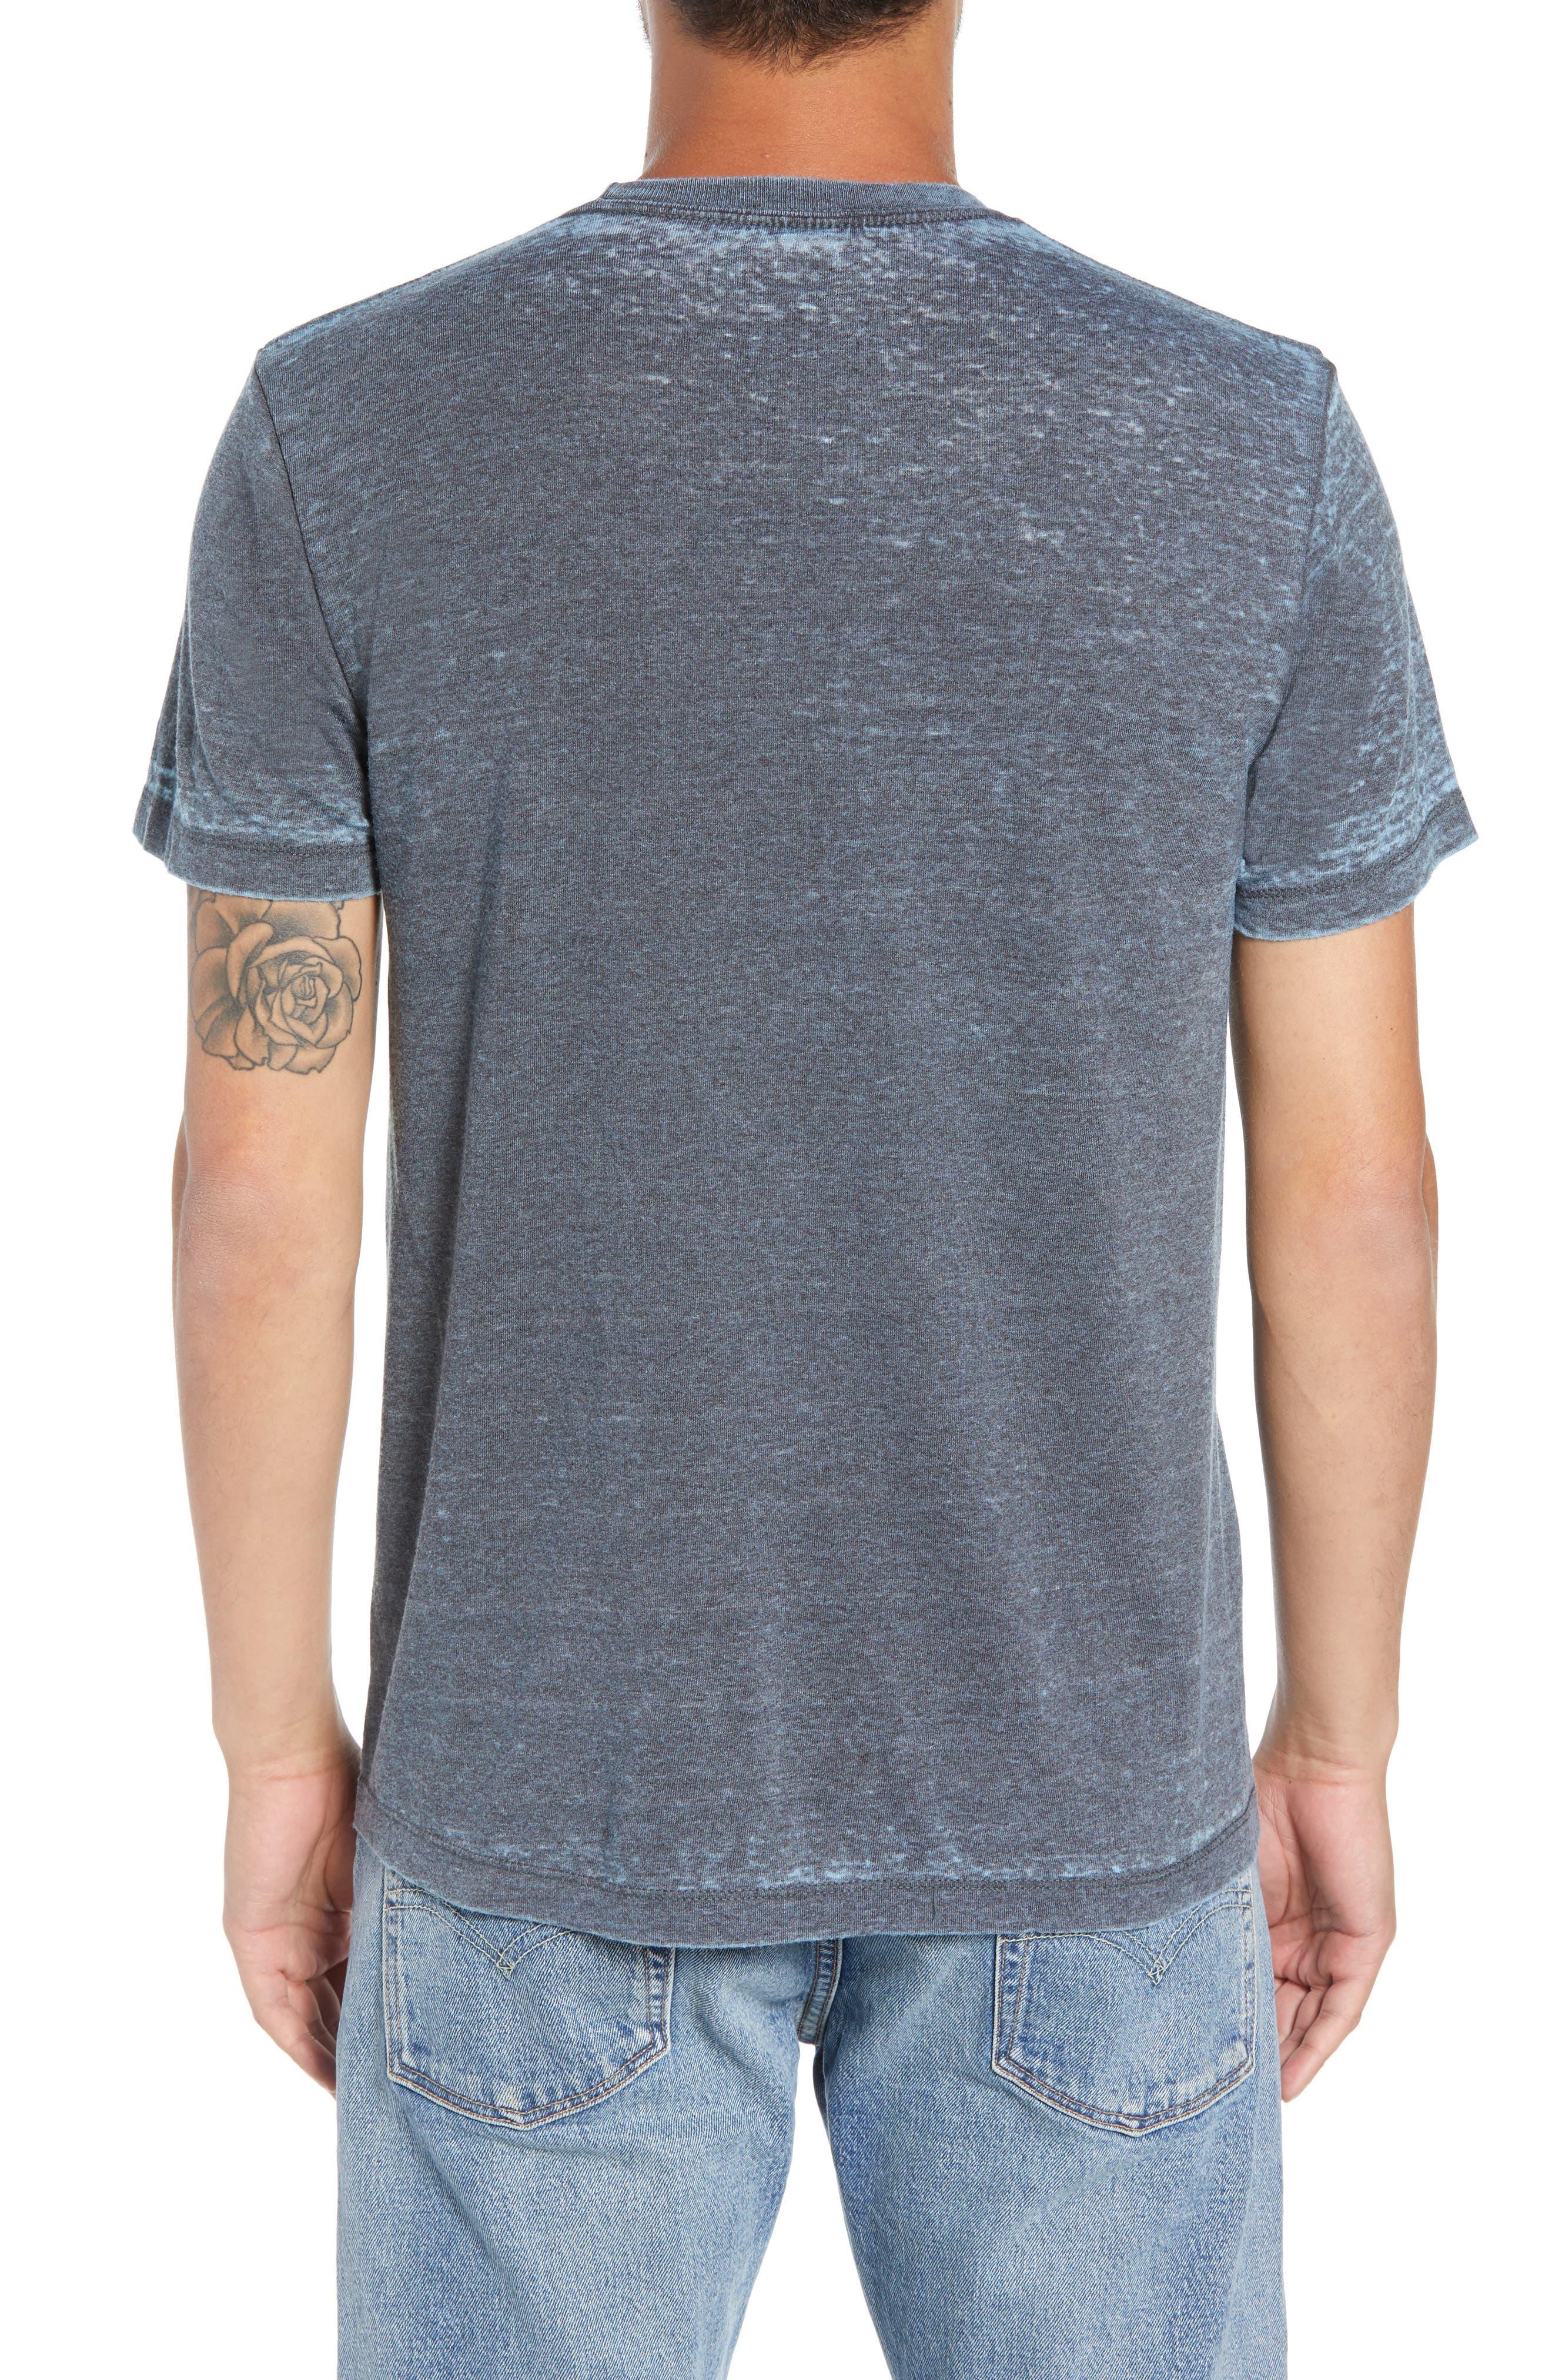 Pacifico Burnout T-Shirt,                             Alternate thumbnail 2, color,                             420